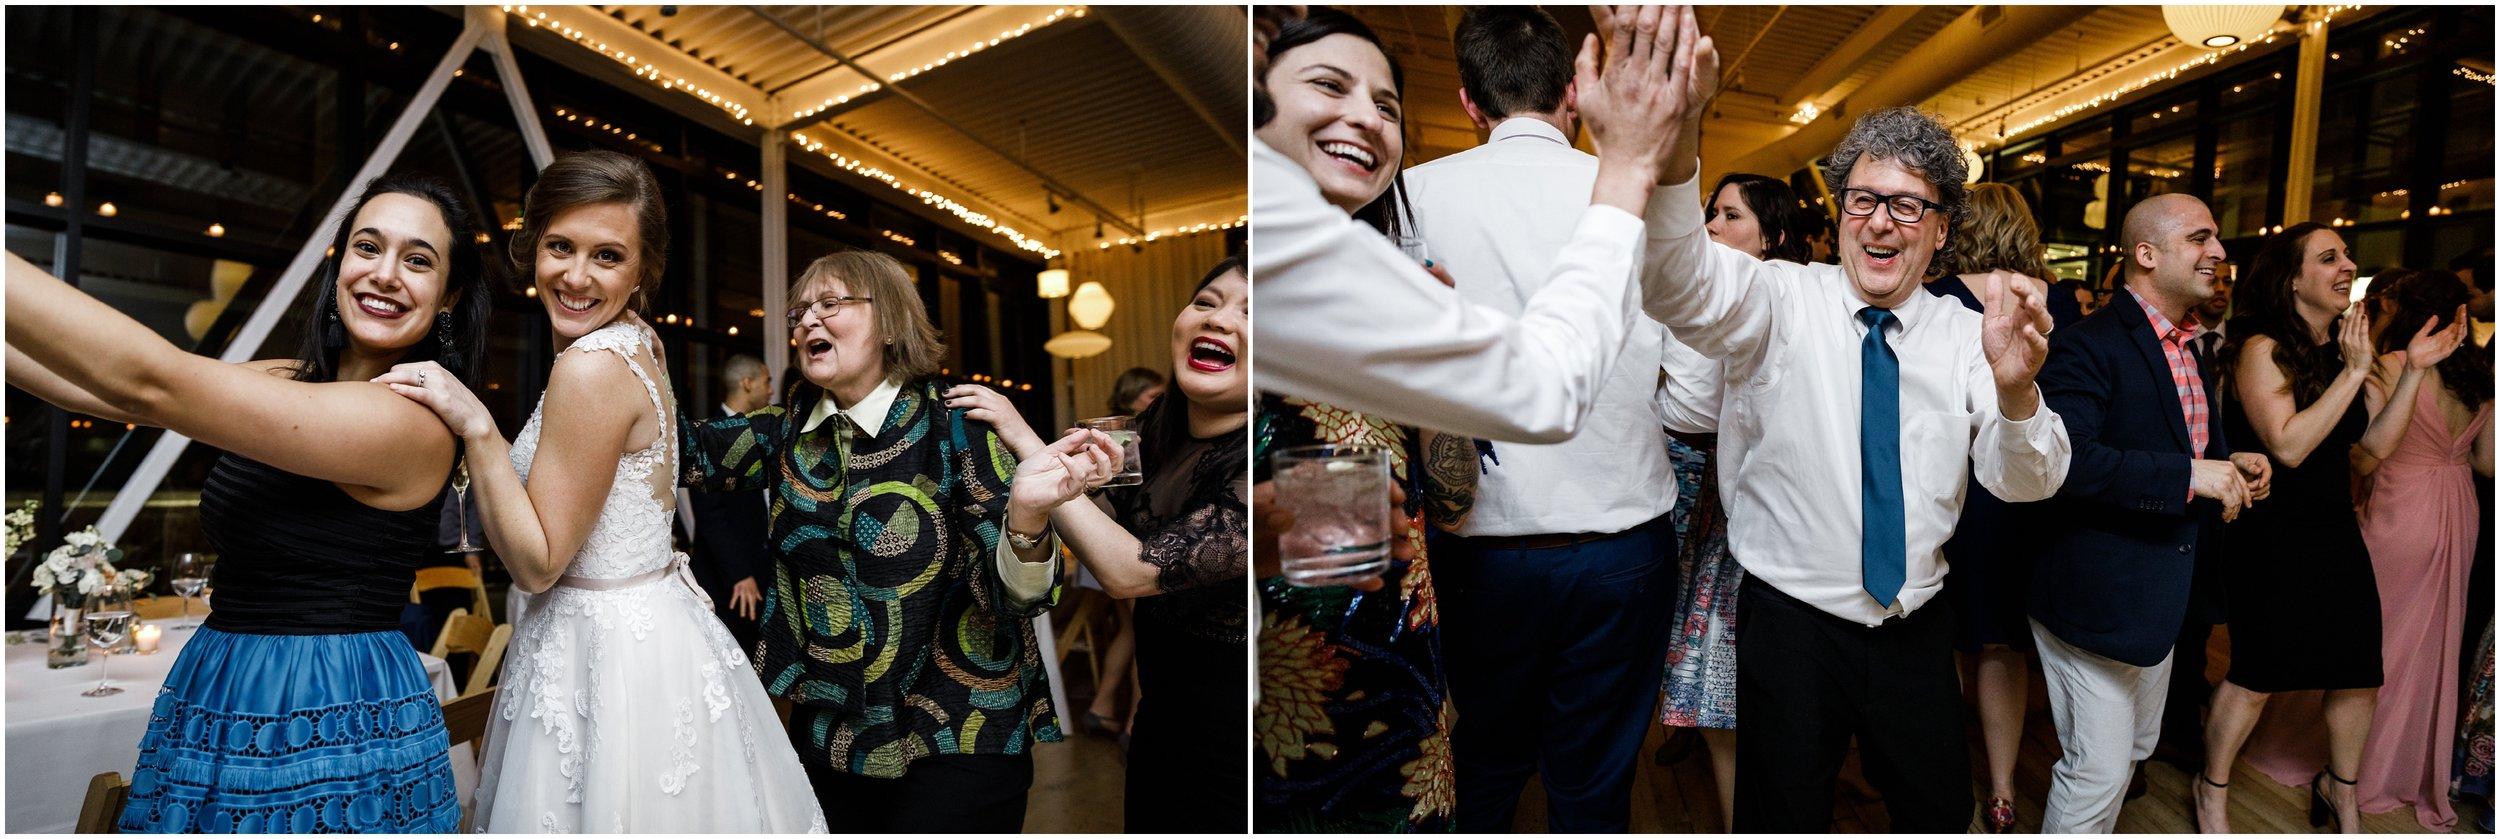 bride dancing during wedding reception